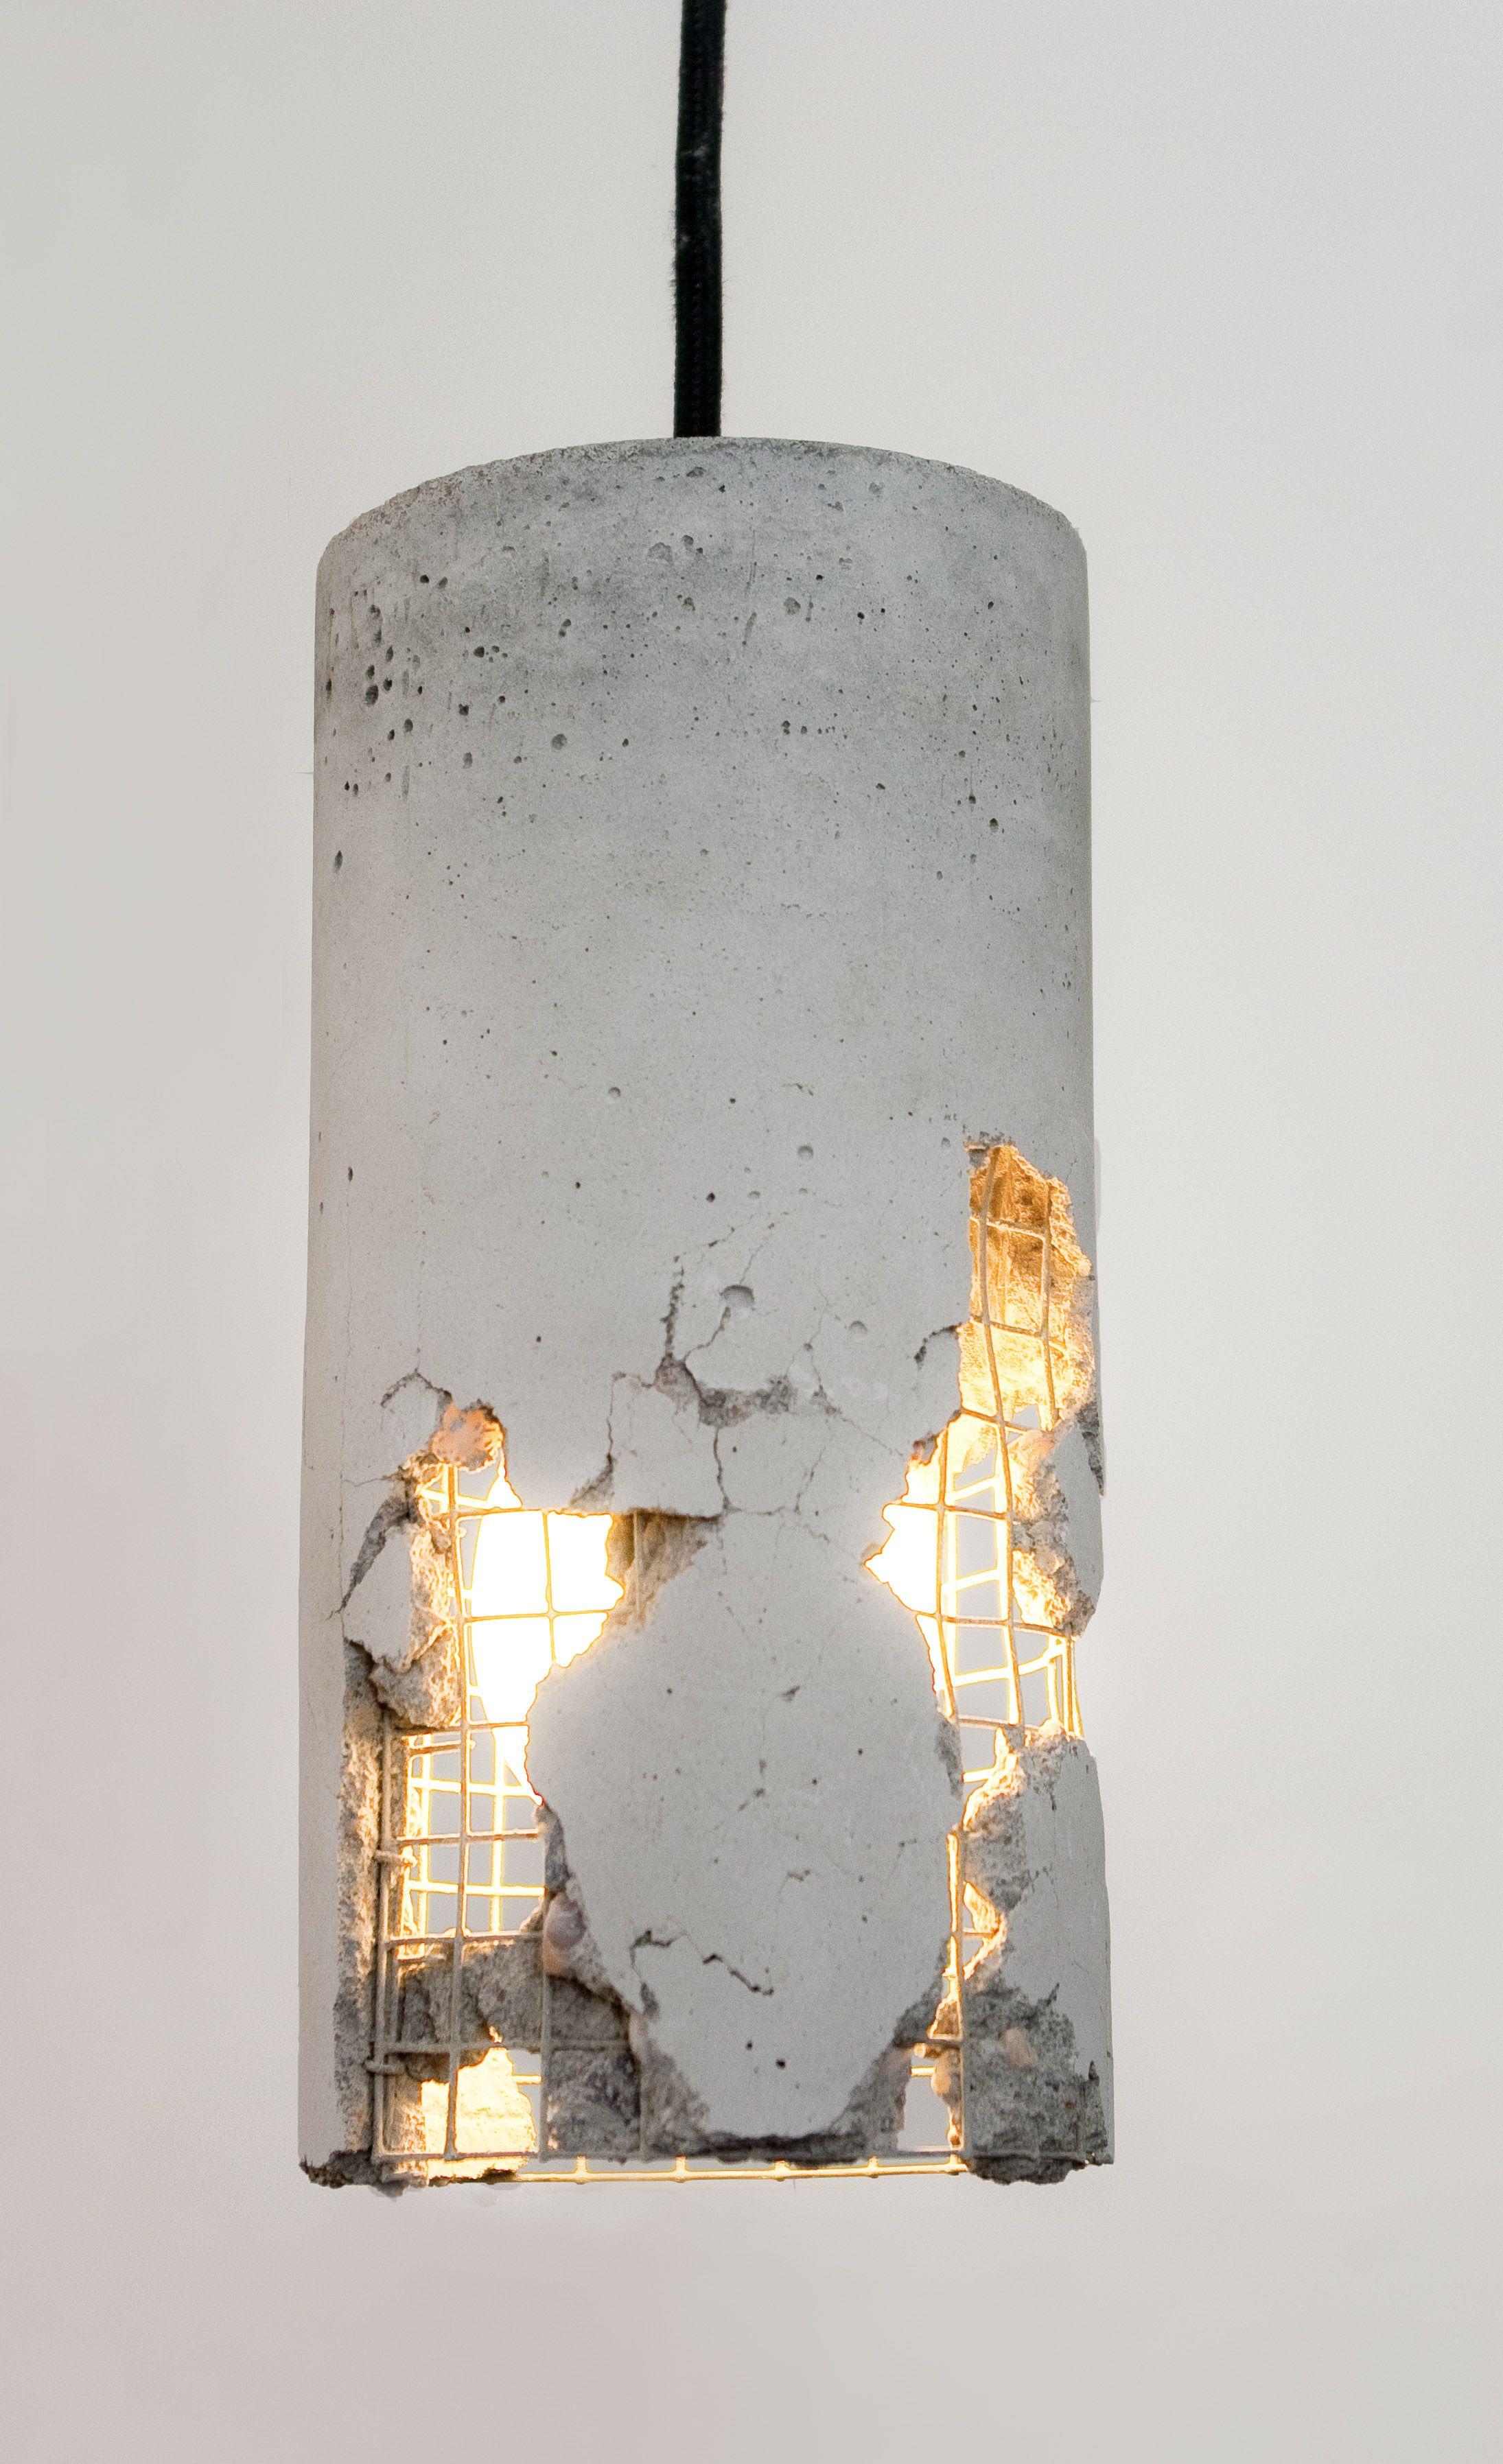 Delta LJ Lamps